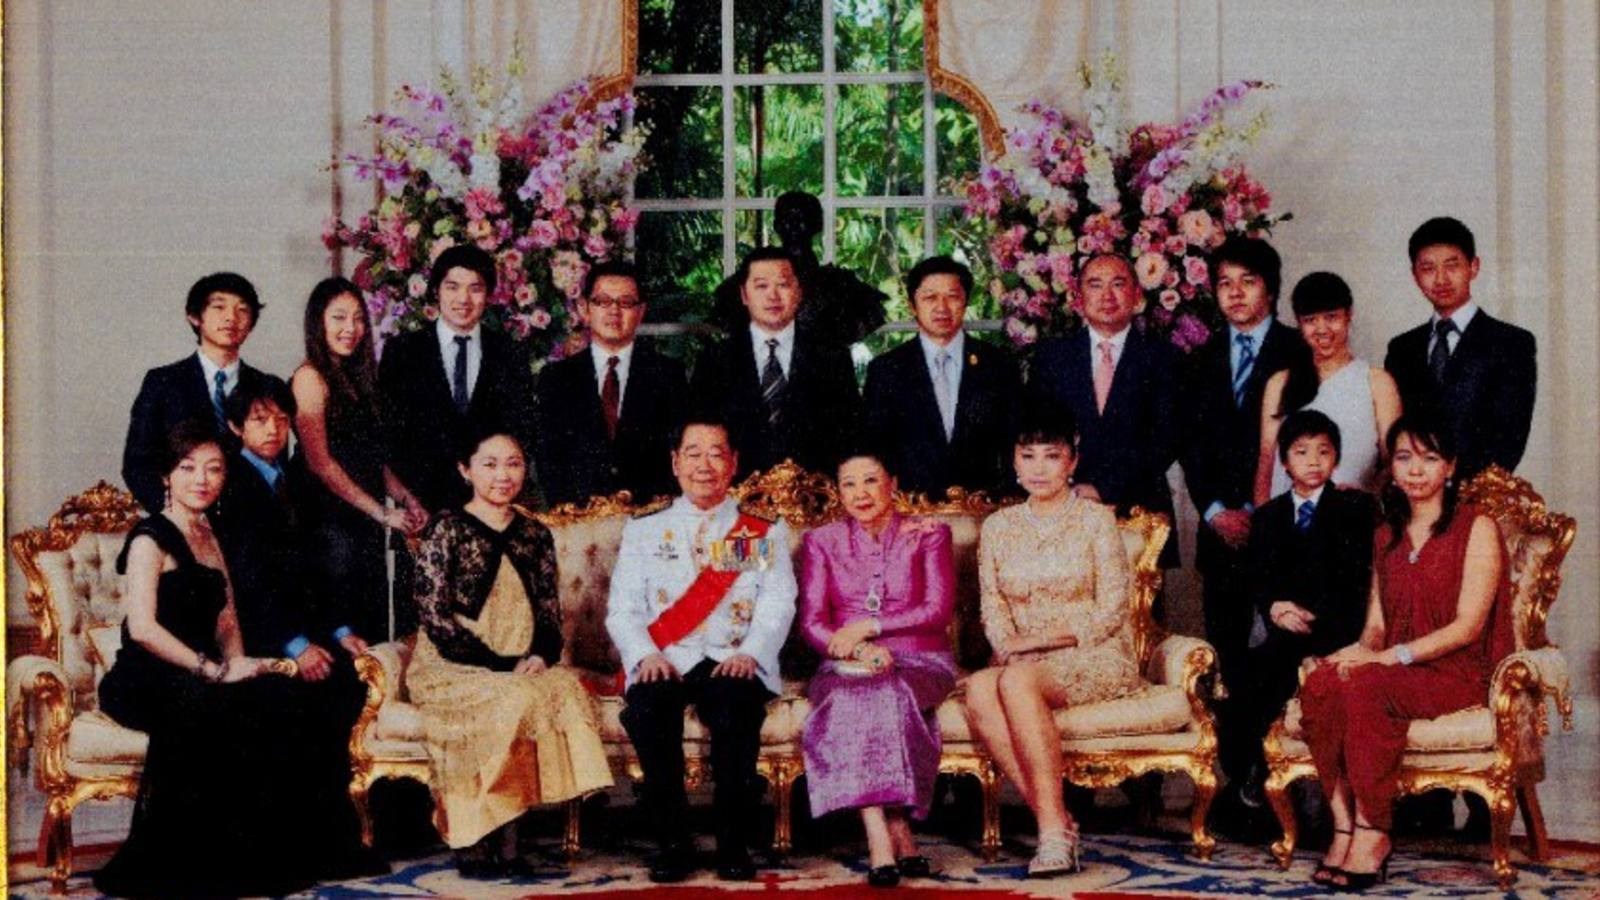 Chearavanont Family From Thailand